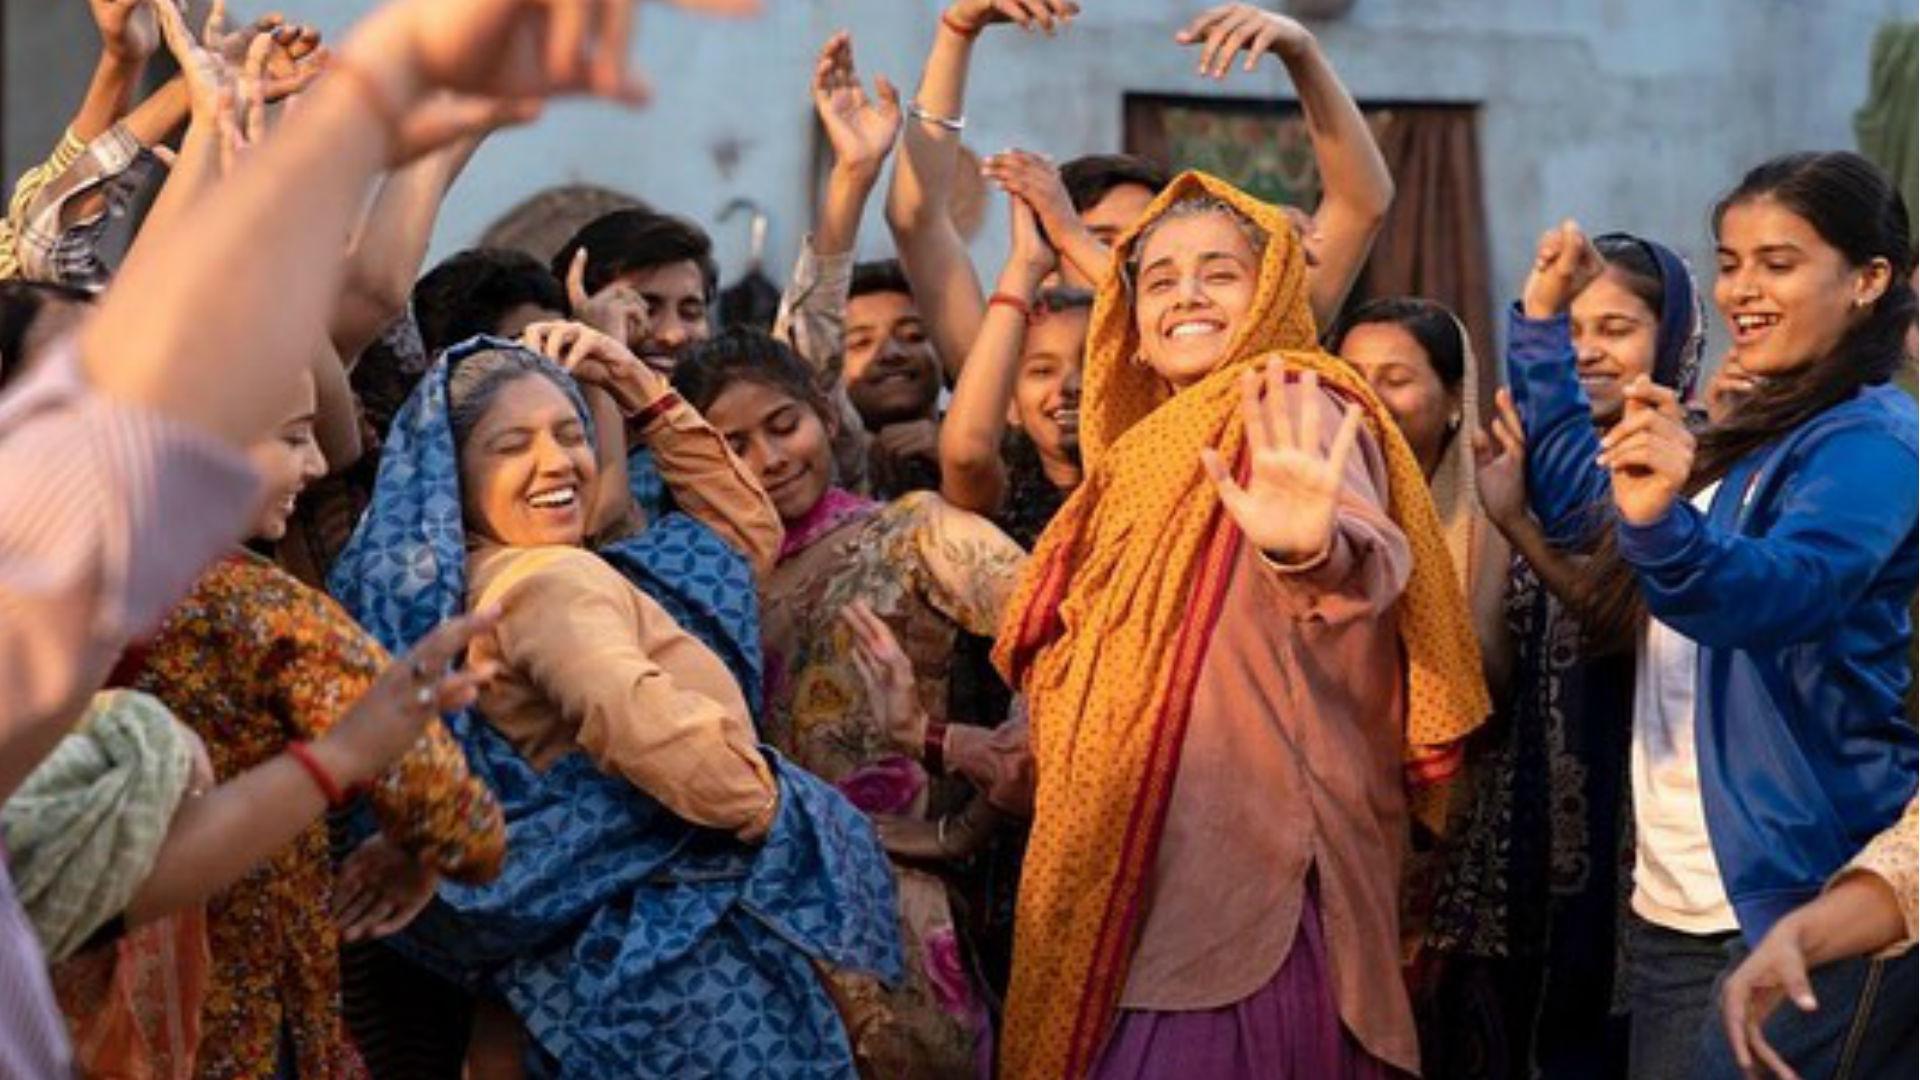 Saand Ki Aankh Trailer: फिल्म का ट्रेलर रिलीज, शूटर्स दादी के किरदार में खूब जंच रहीं तापसी पन्नू-भूमि पेडनेकर